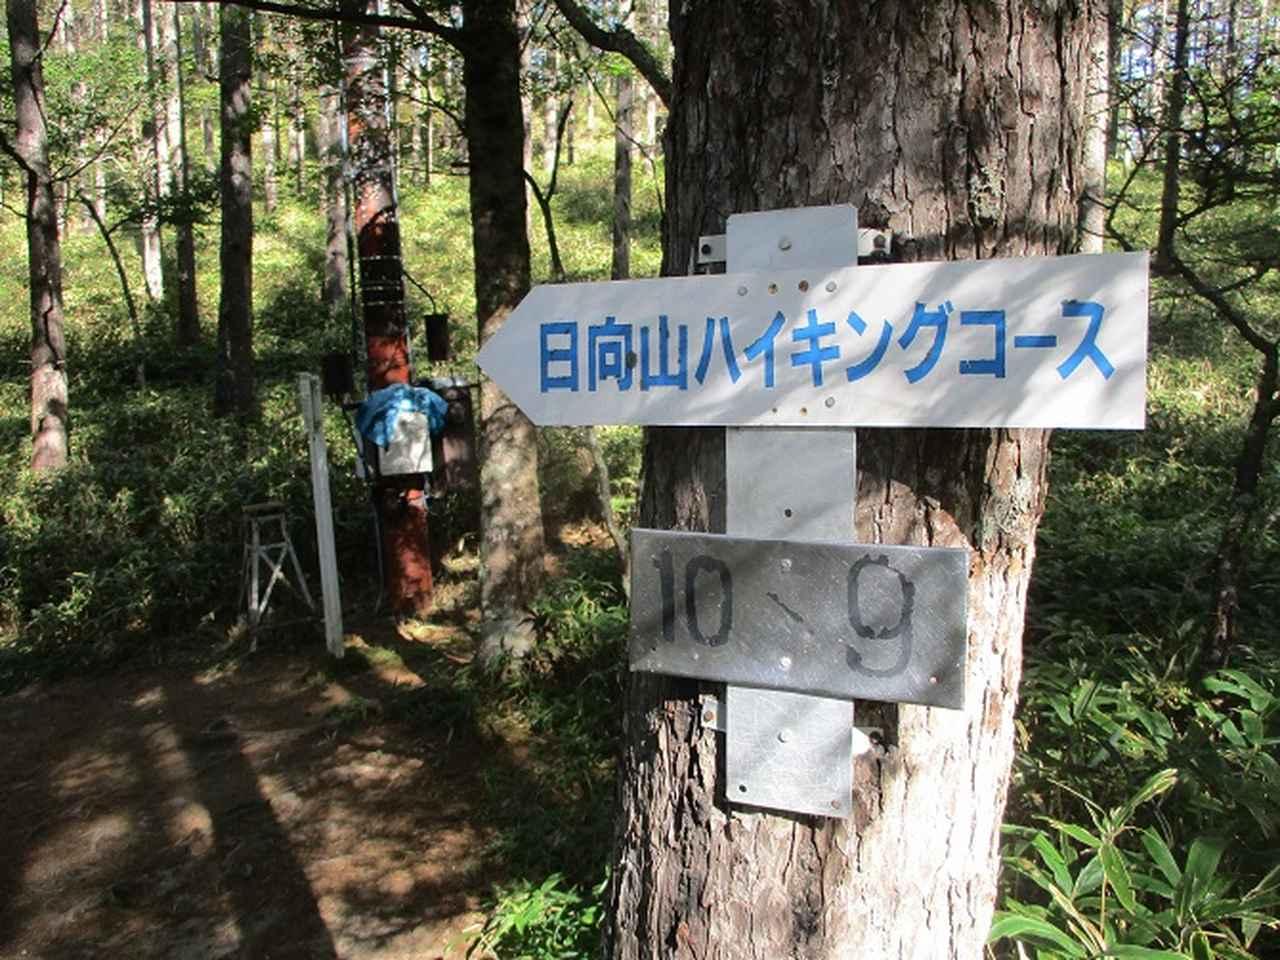 画像6: 10月の山旅会 「日向山」 の下見に行ってきました!